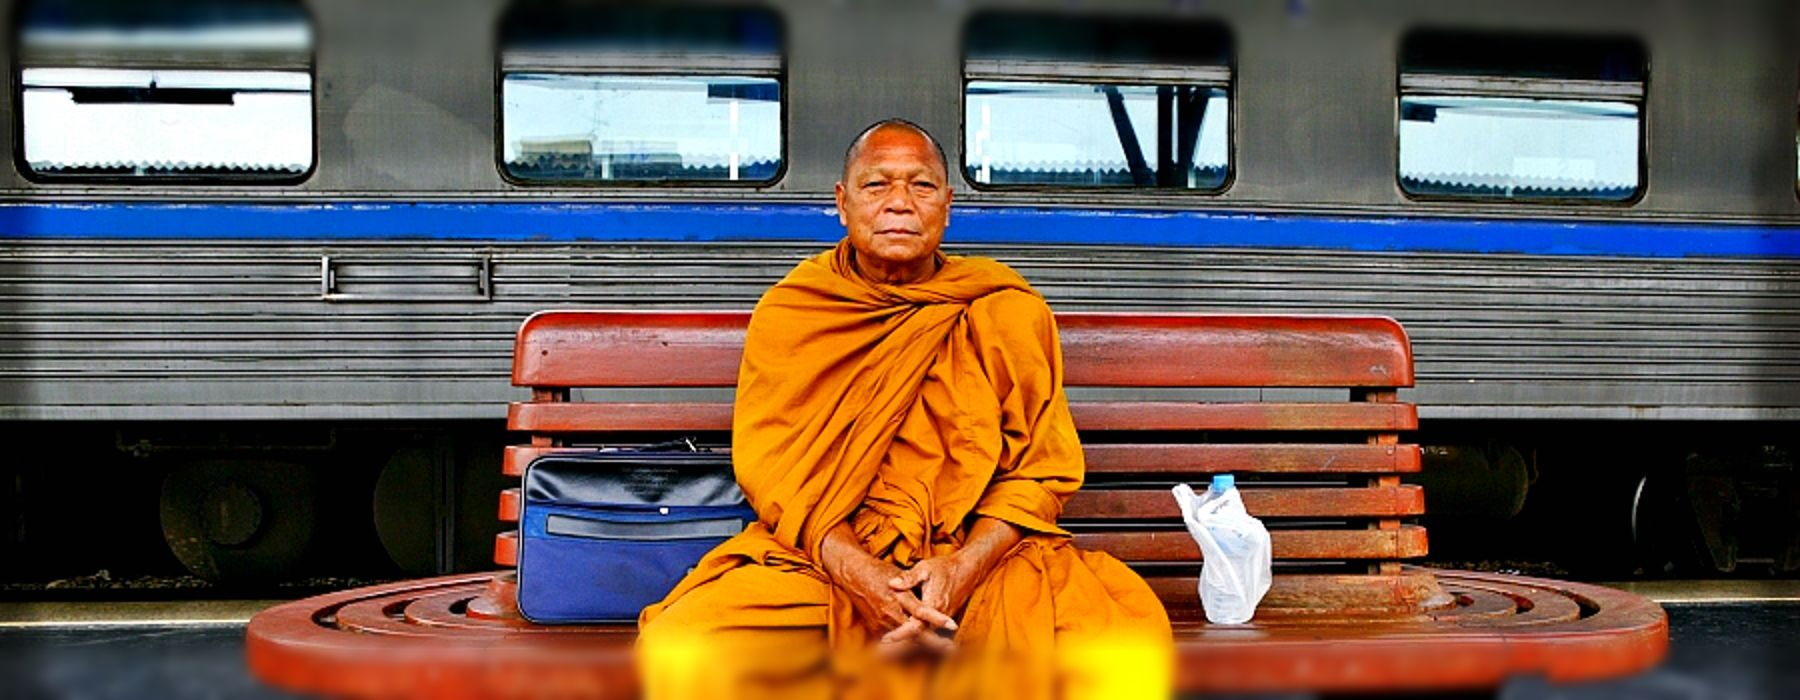 pachet turistic Thailanda Cambodgia Mix cover